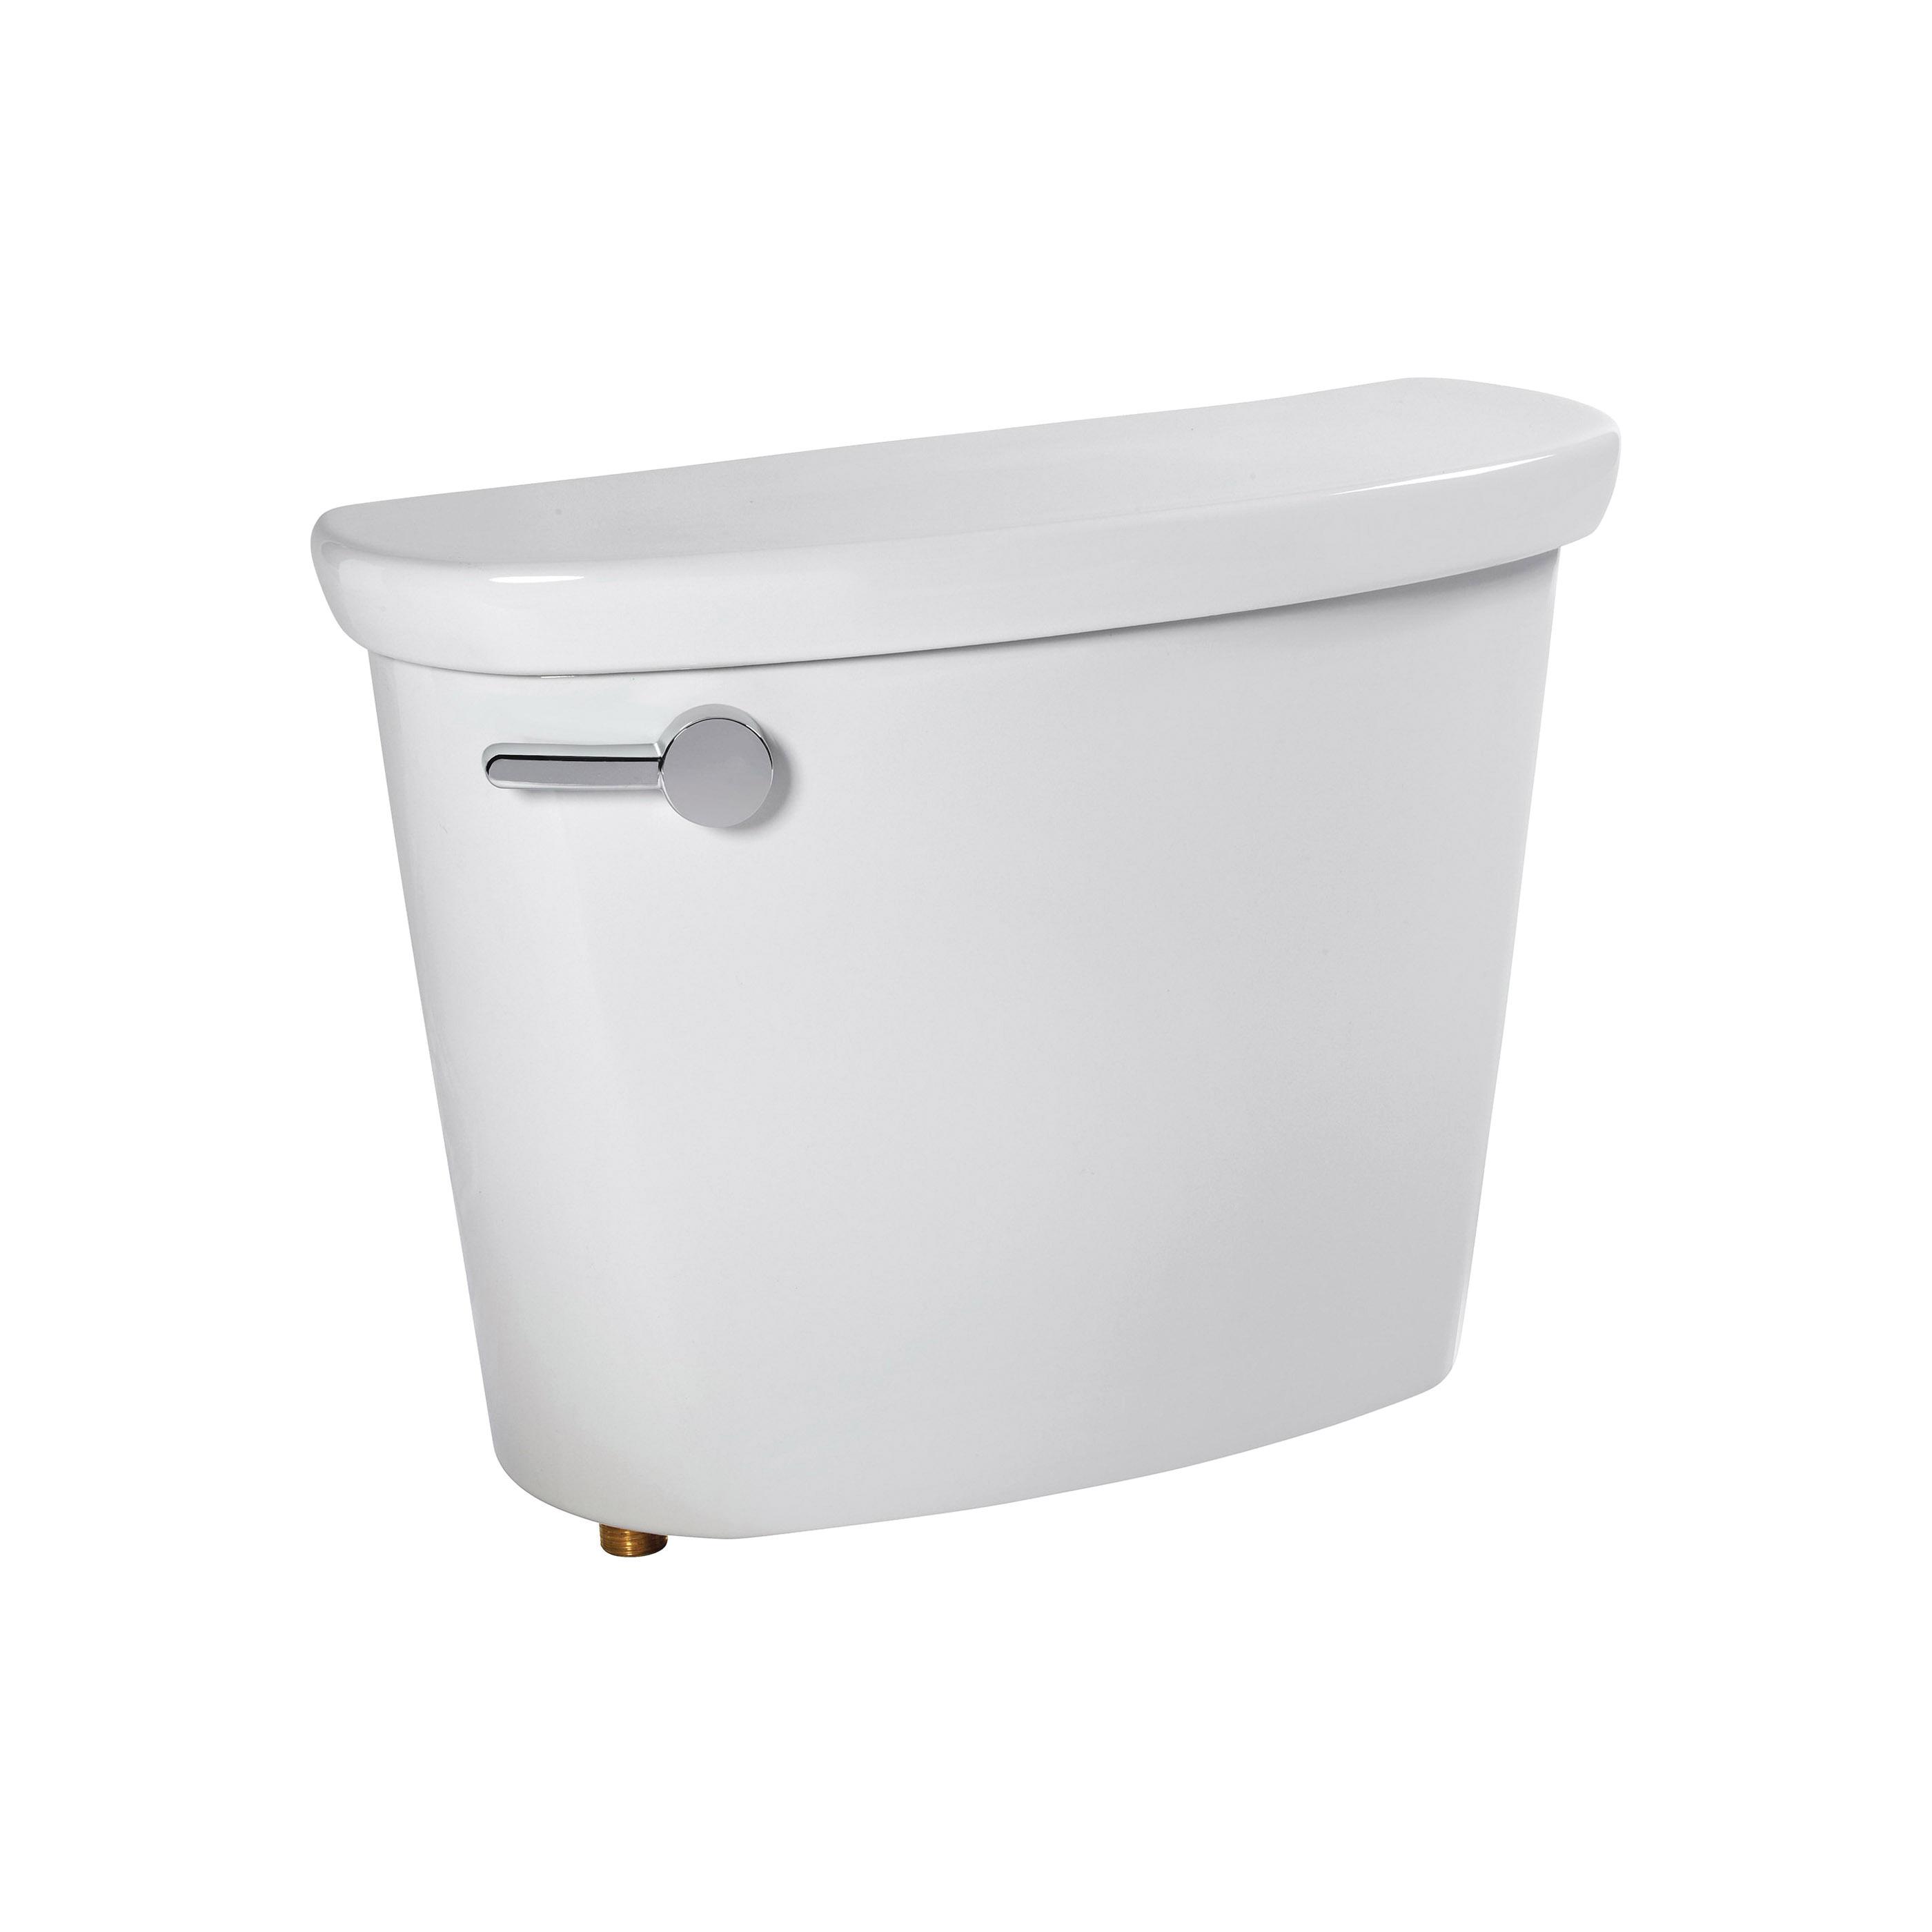 American Standard 4188B104.020 Toilet Tank, Cadet® Pro™, 1.28 gpf, 3 in Flush, White, Import